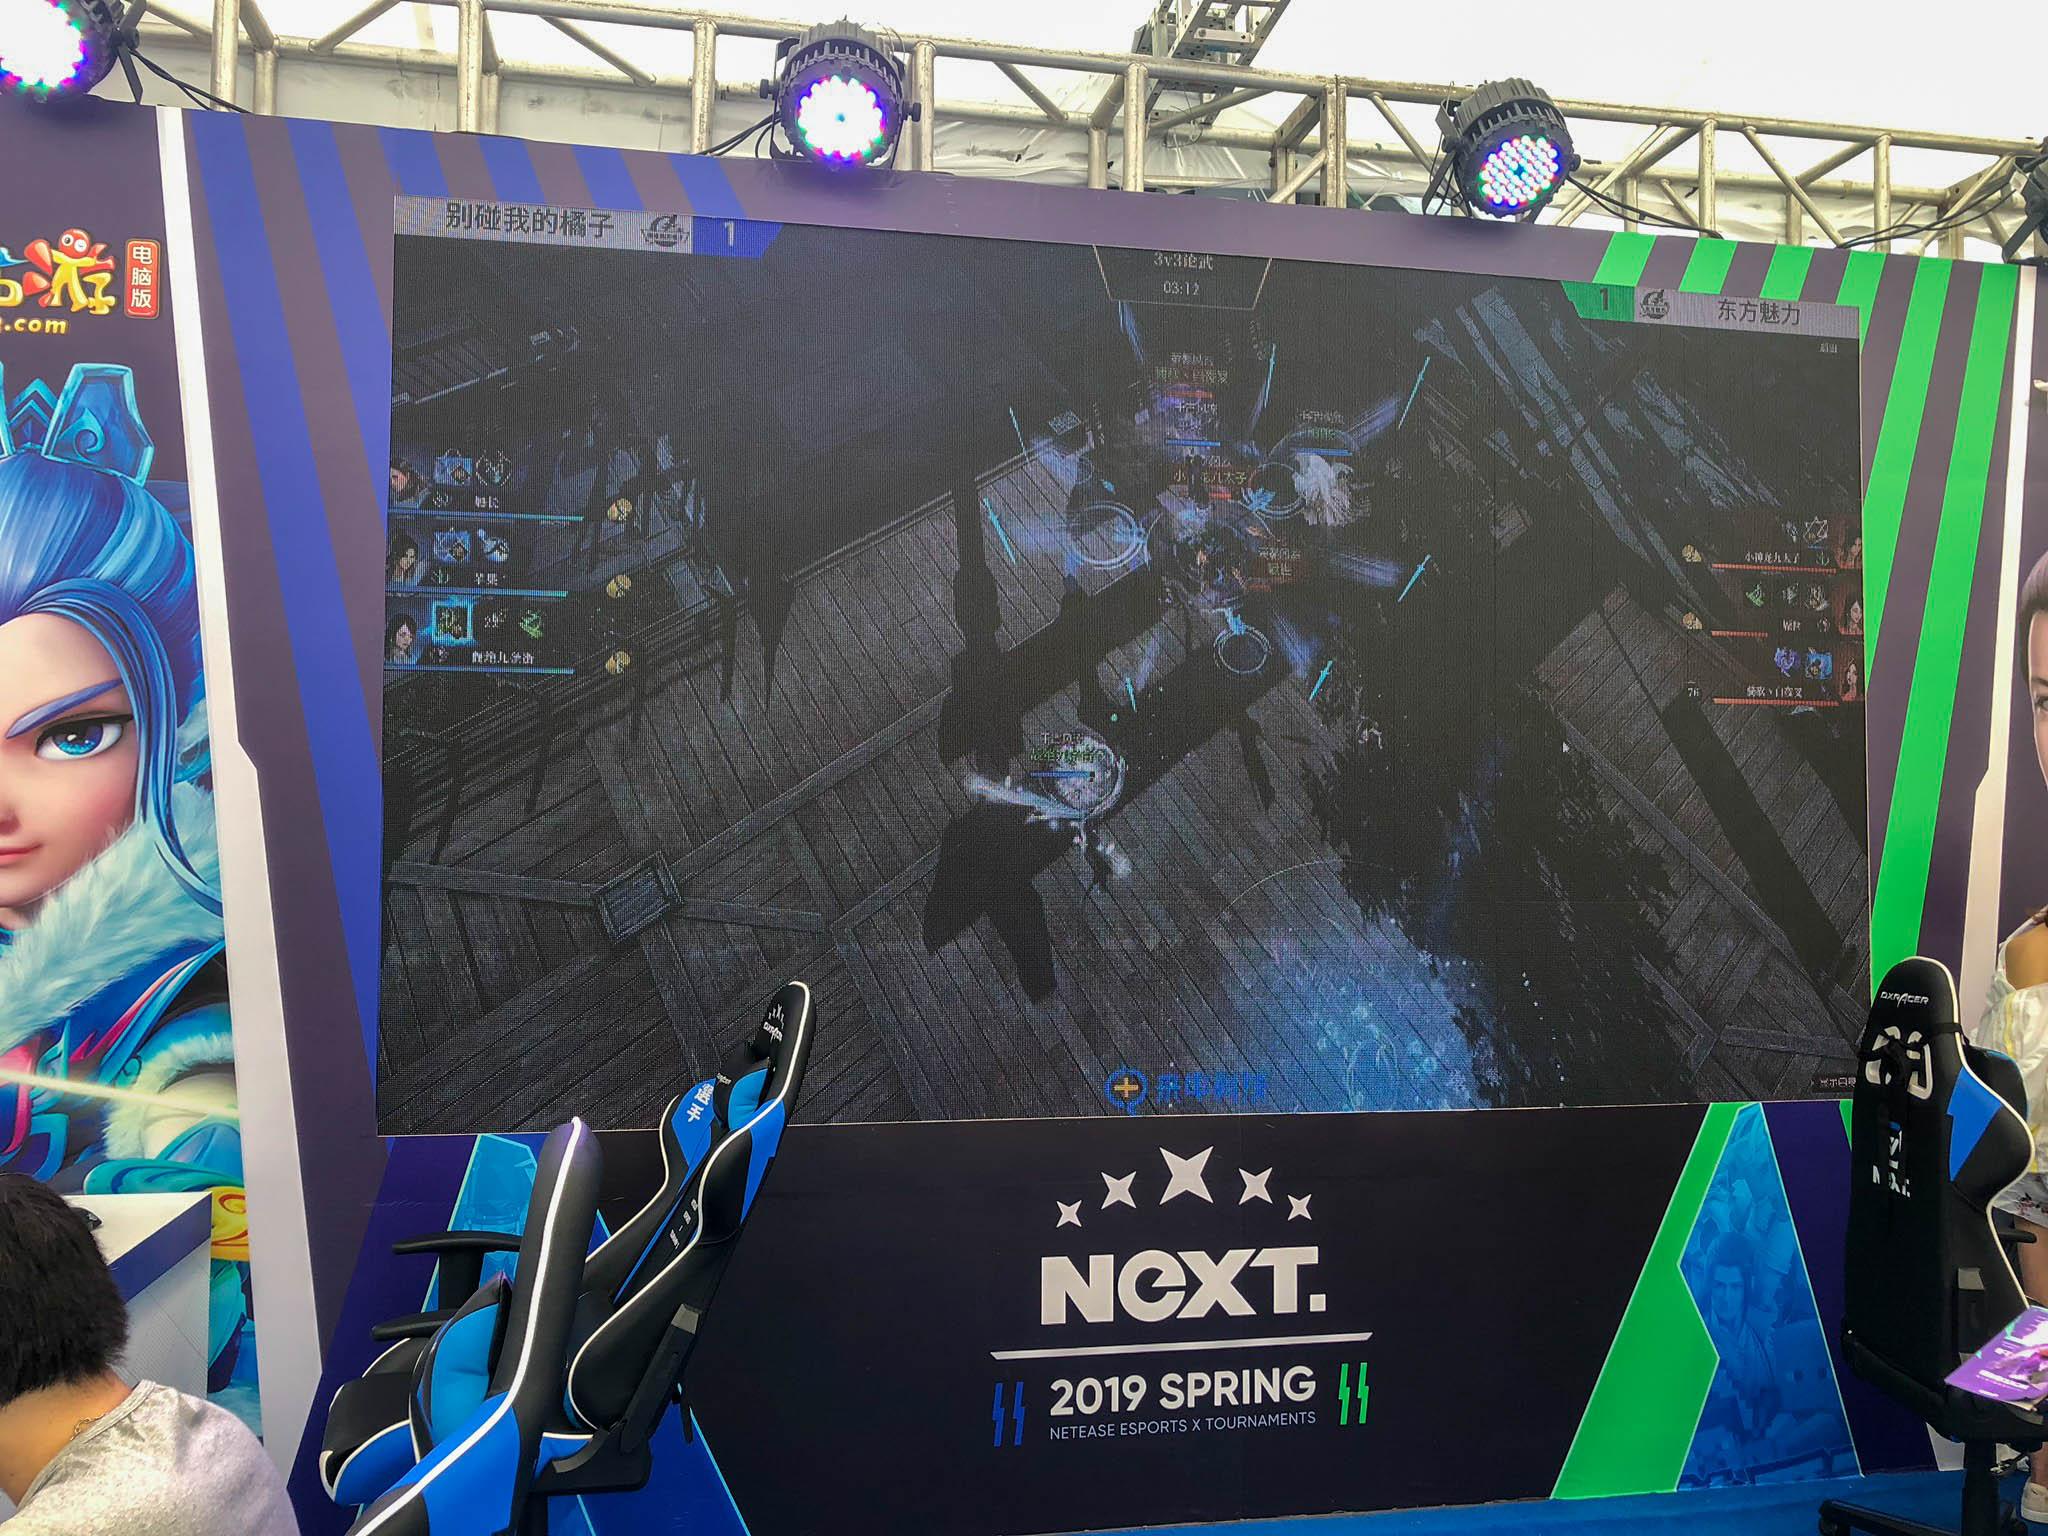 上海·网易电竞X系列赛2019春季赛 游玩 第20张